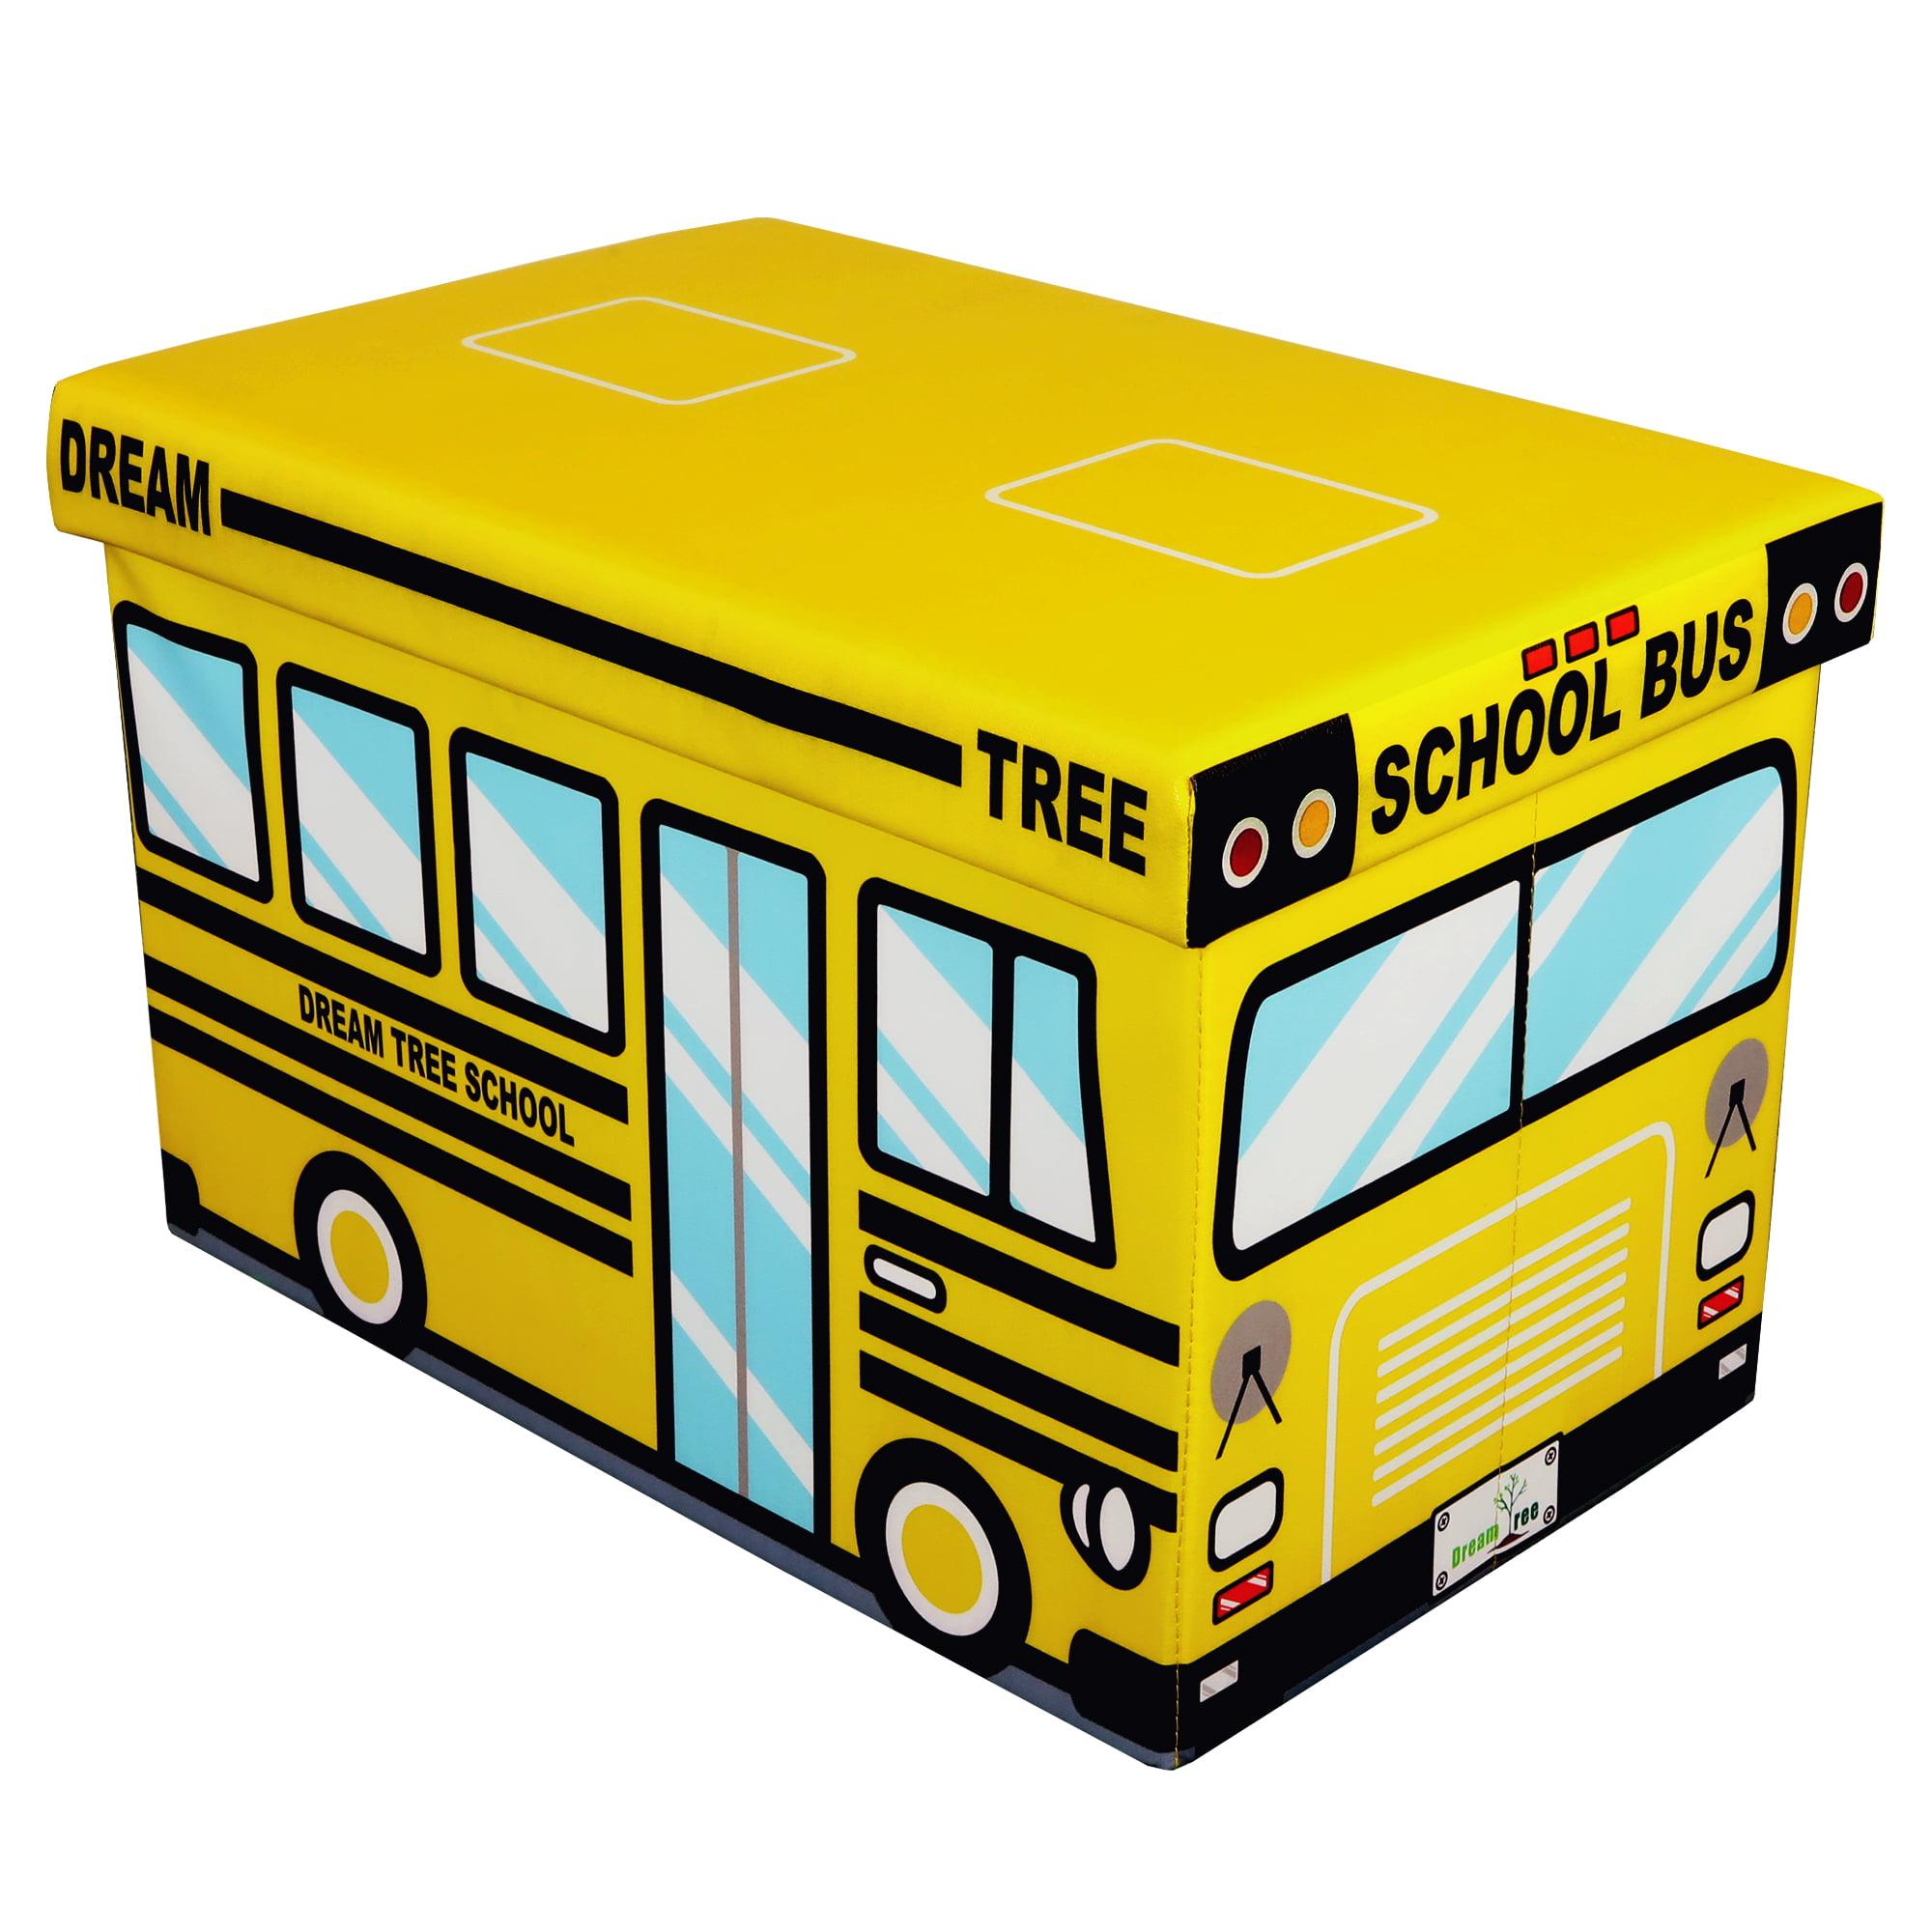 Otto & Ben 16 Inch Toy Storage Chest Organizer, School Bus